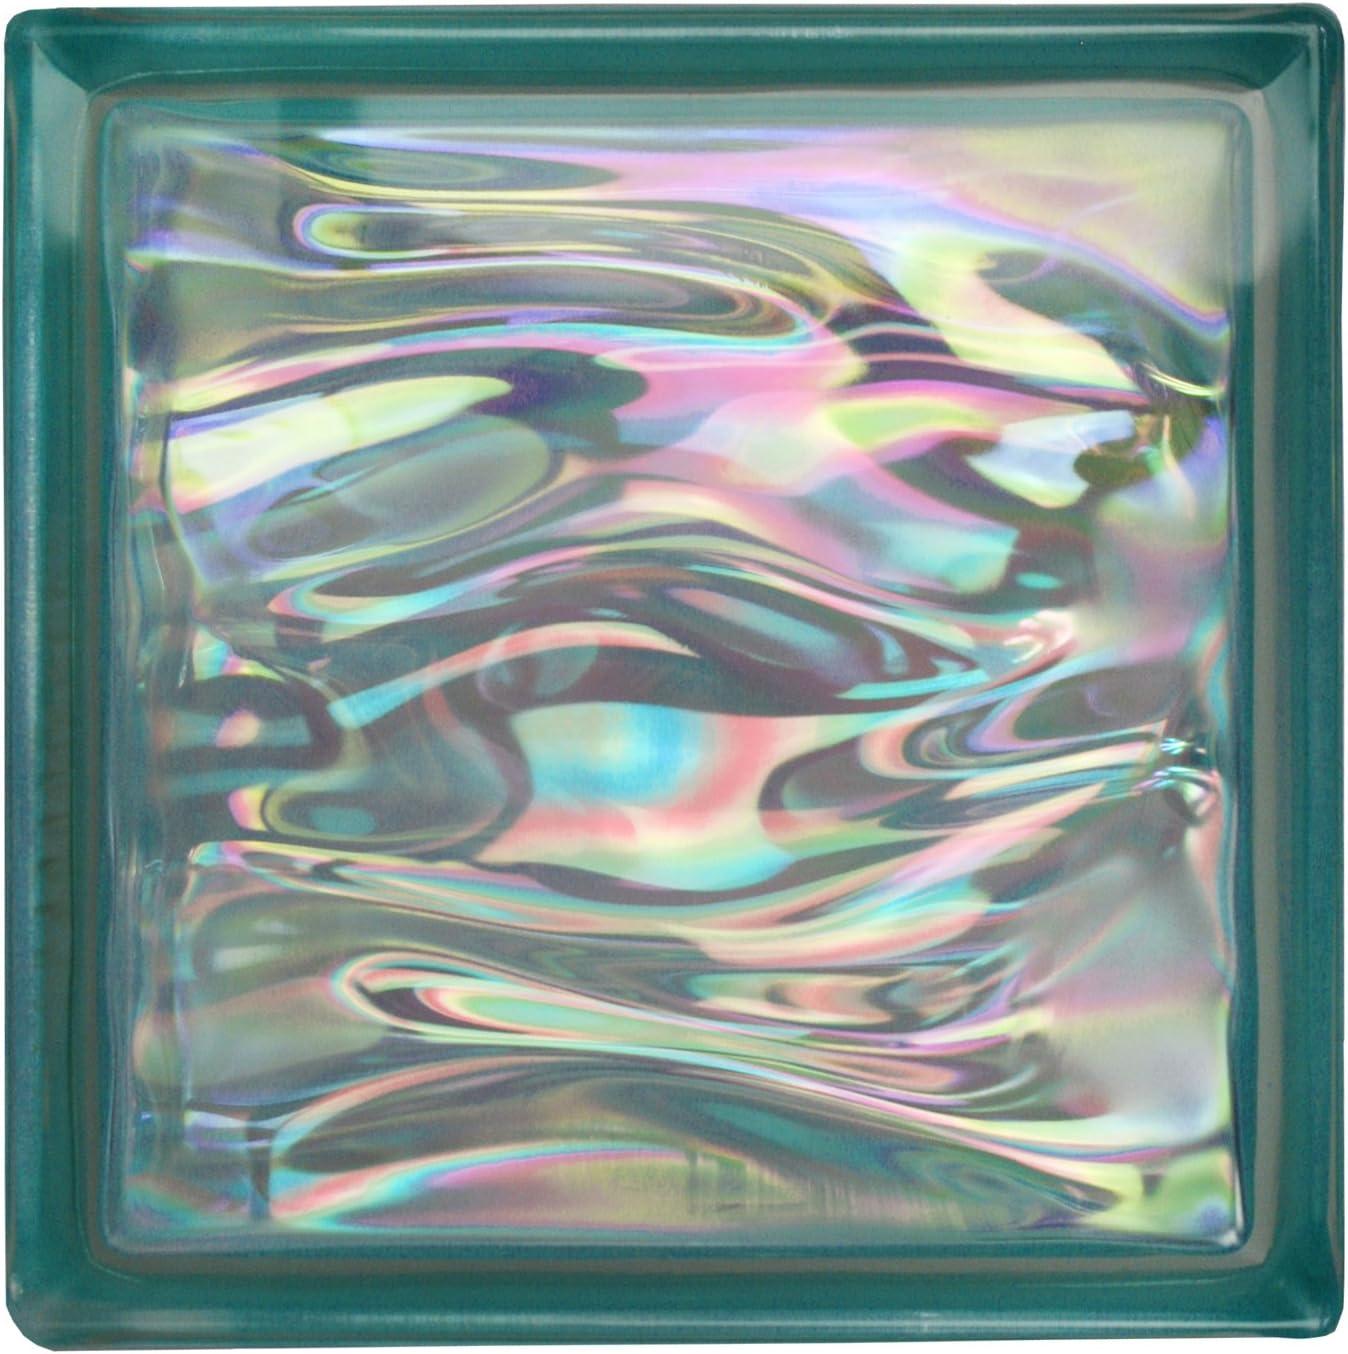 6 pi/èces BM briques de verre AQUA nacre /émeraude 19x19x8 cm